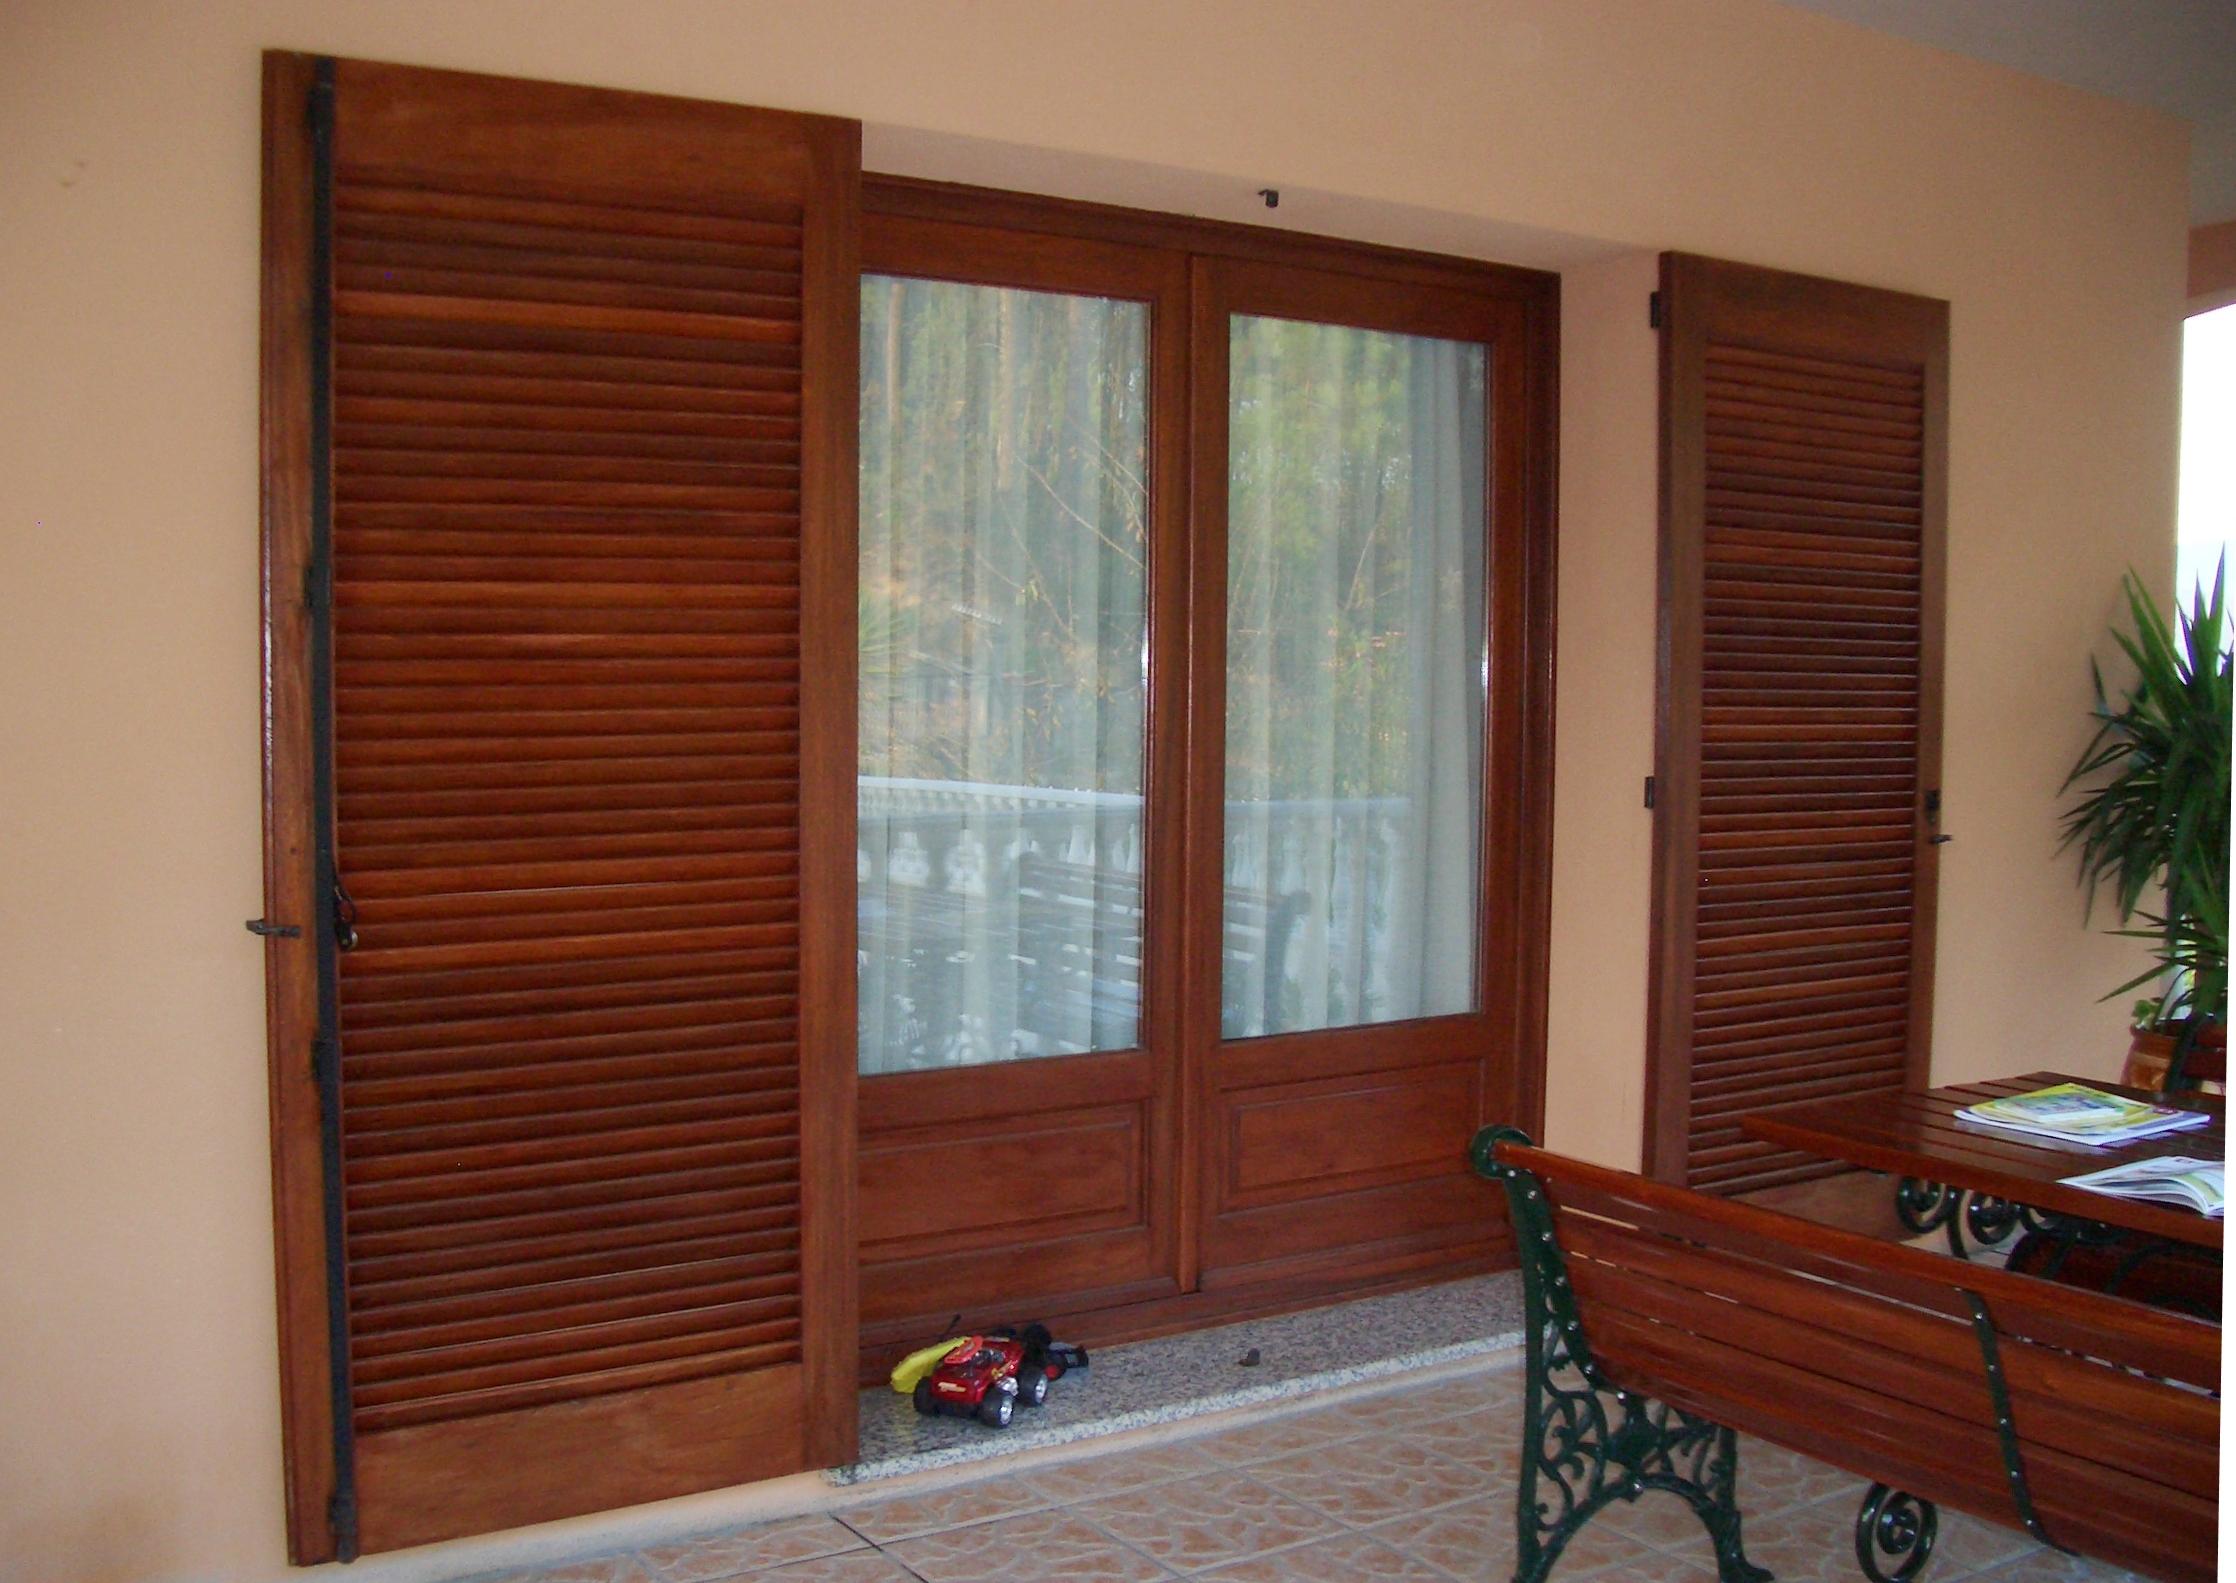 CAIXILHARIA MADEIRA porta exterior em madeira modelo clássico  #642E1C 2236 1583